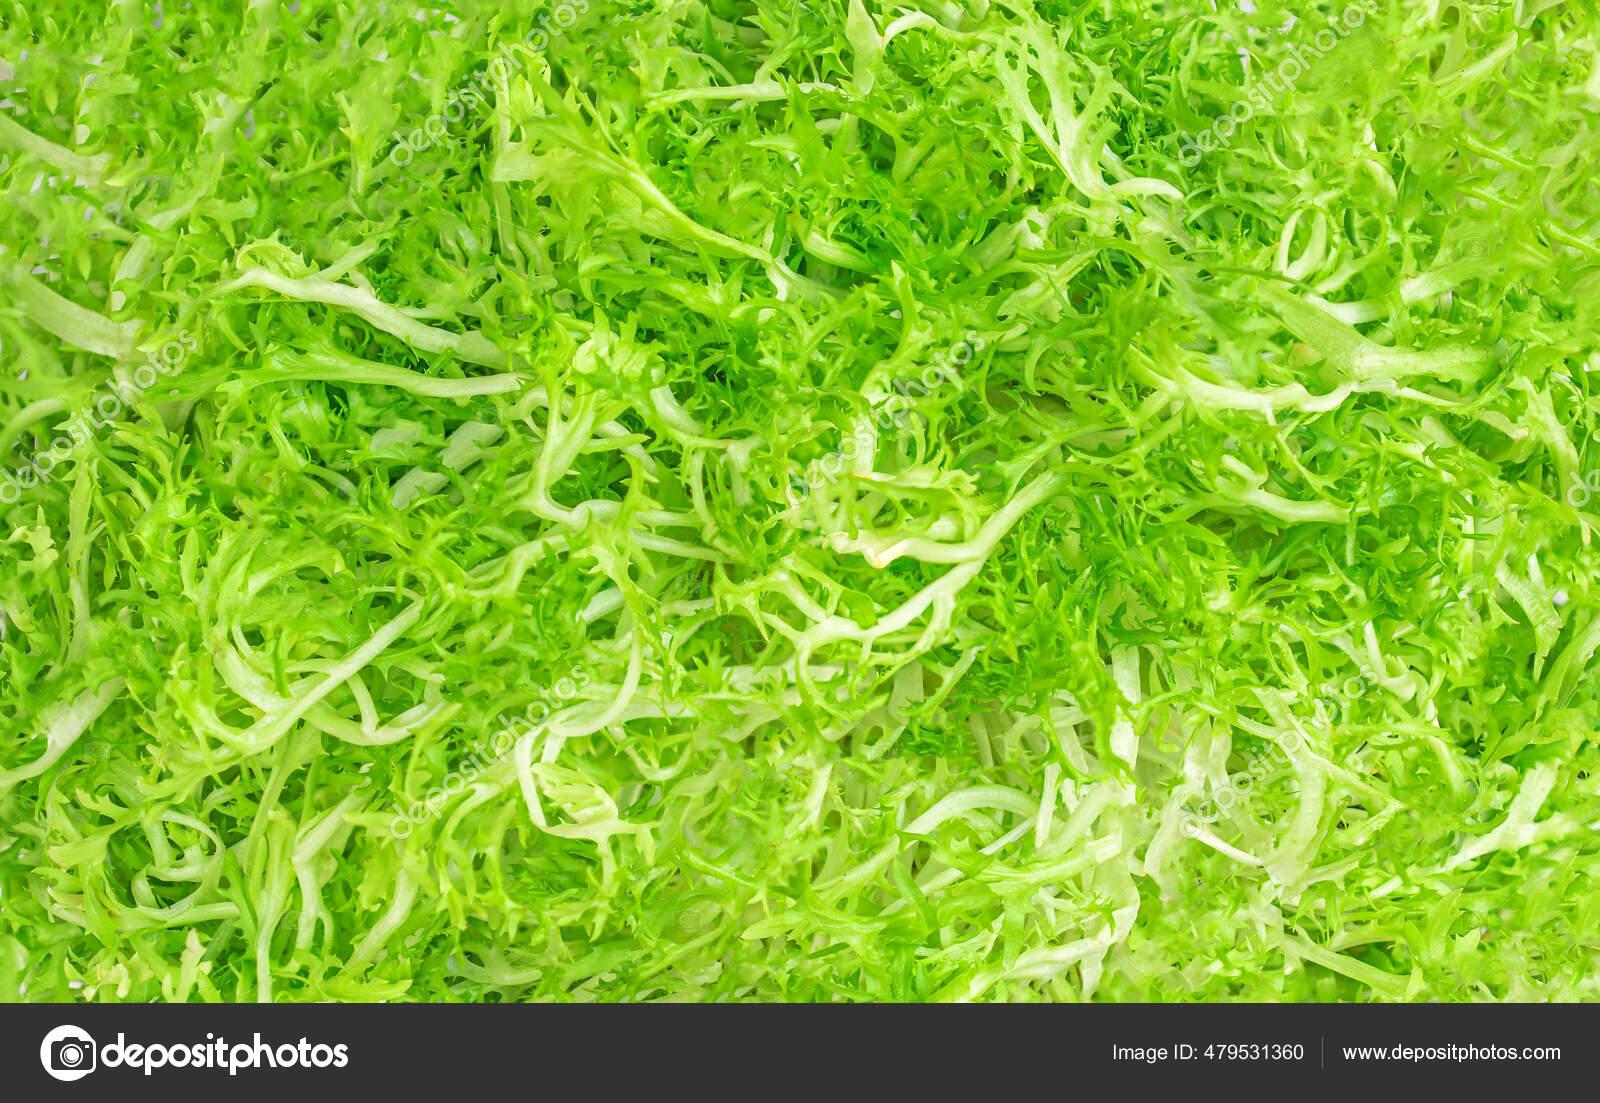 Frisee Lettuce Leaves Background Green Crispy Endive Curly ...